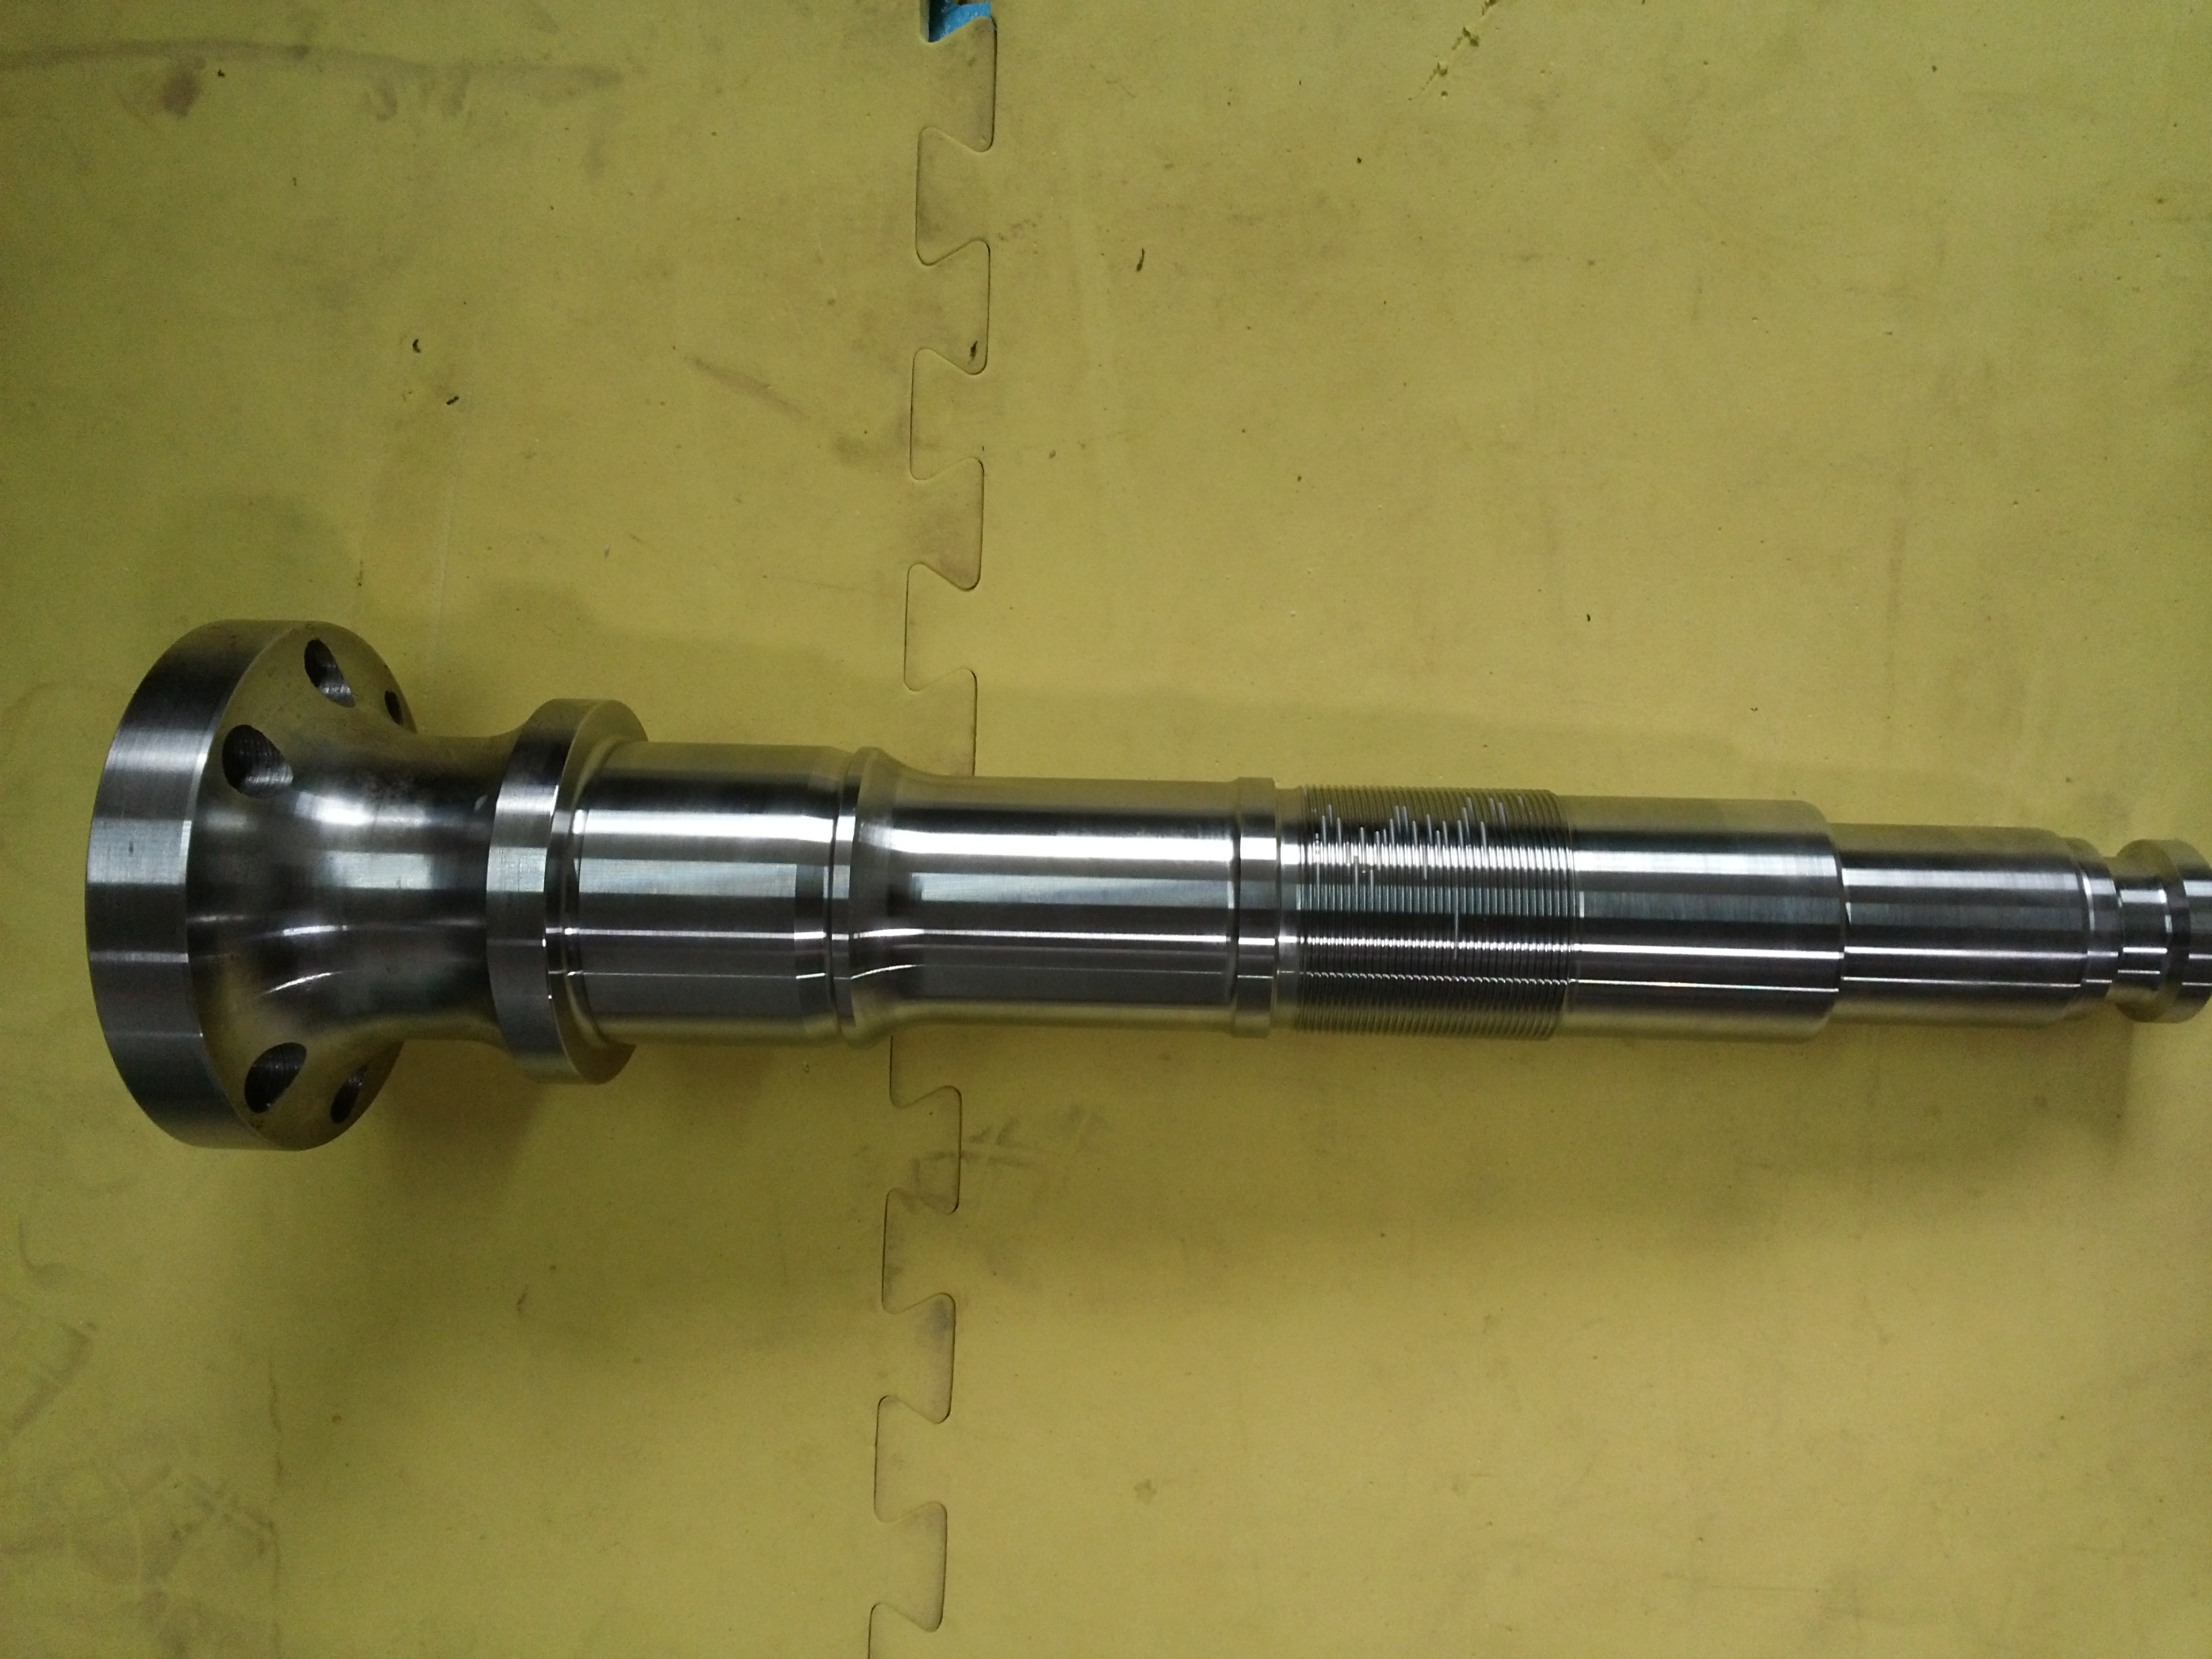 Gia công cơ khí tùy chỉnh / phụ kiện phần cứng / bộ phụ tùng không chuẩn / thép không gỉ 304, gia công 316